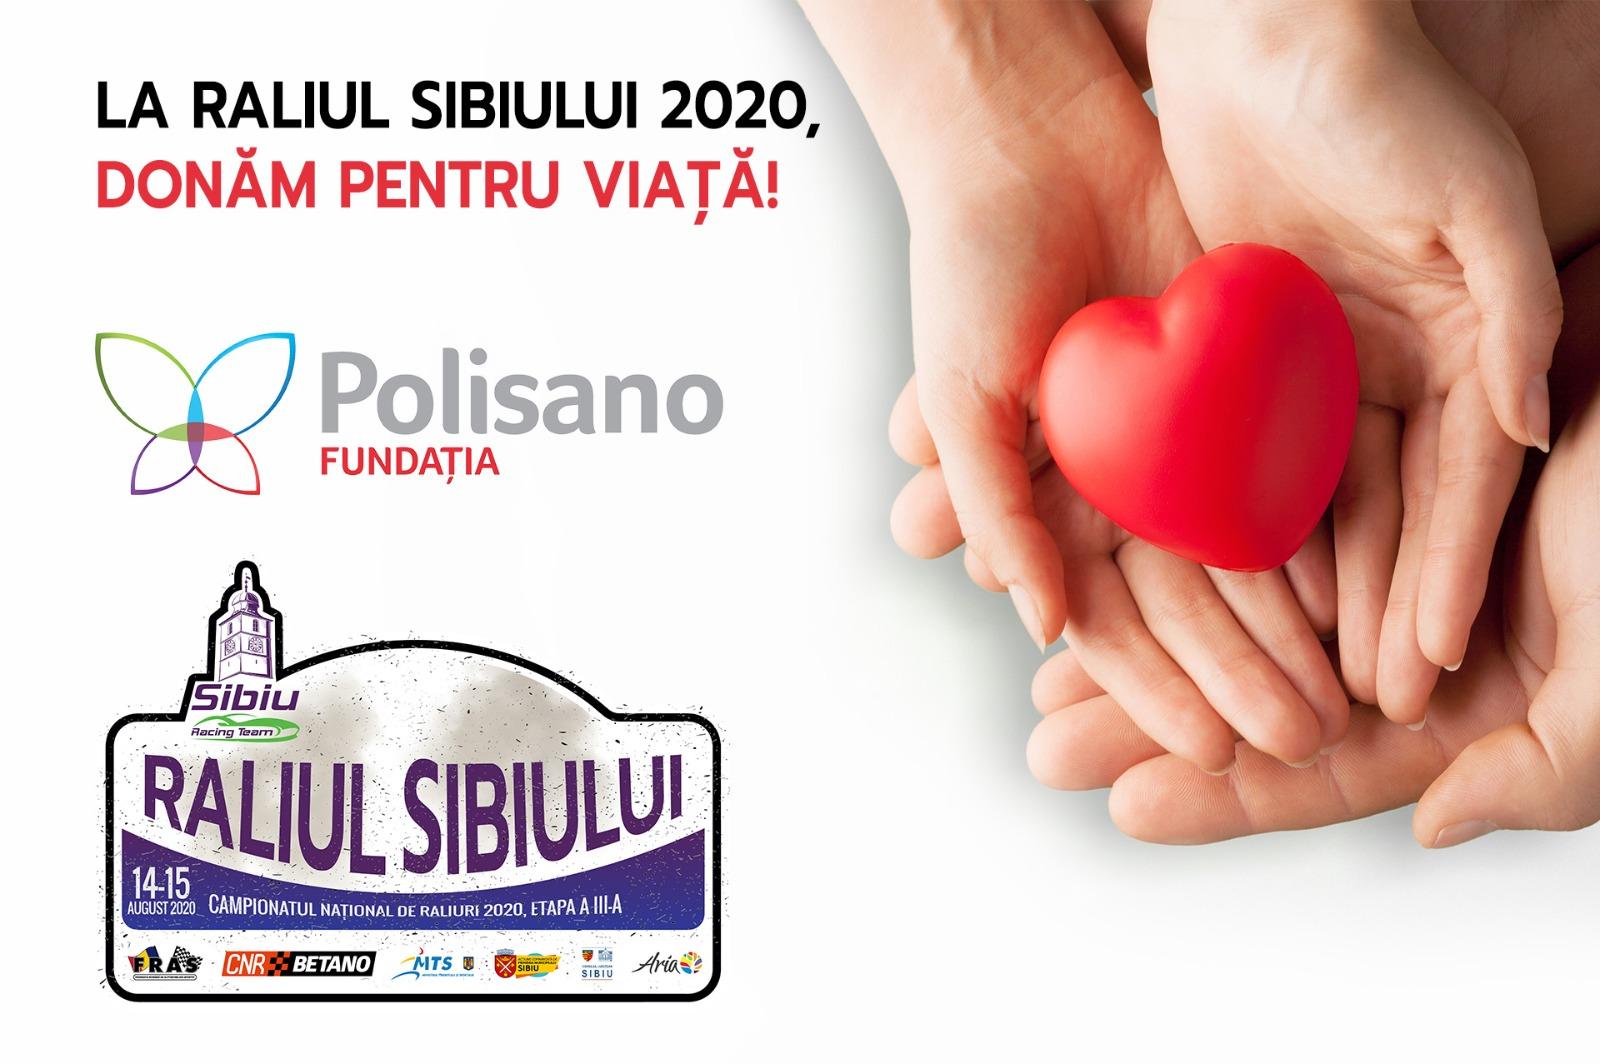 La Raliul Sibiului 2020, donăm pentru viață!